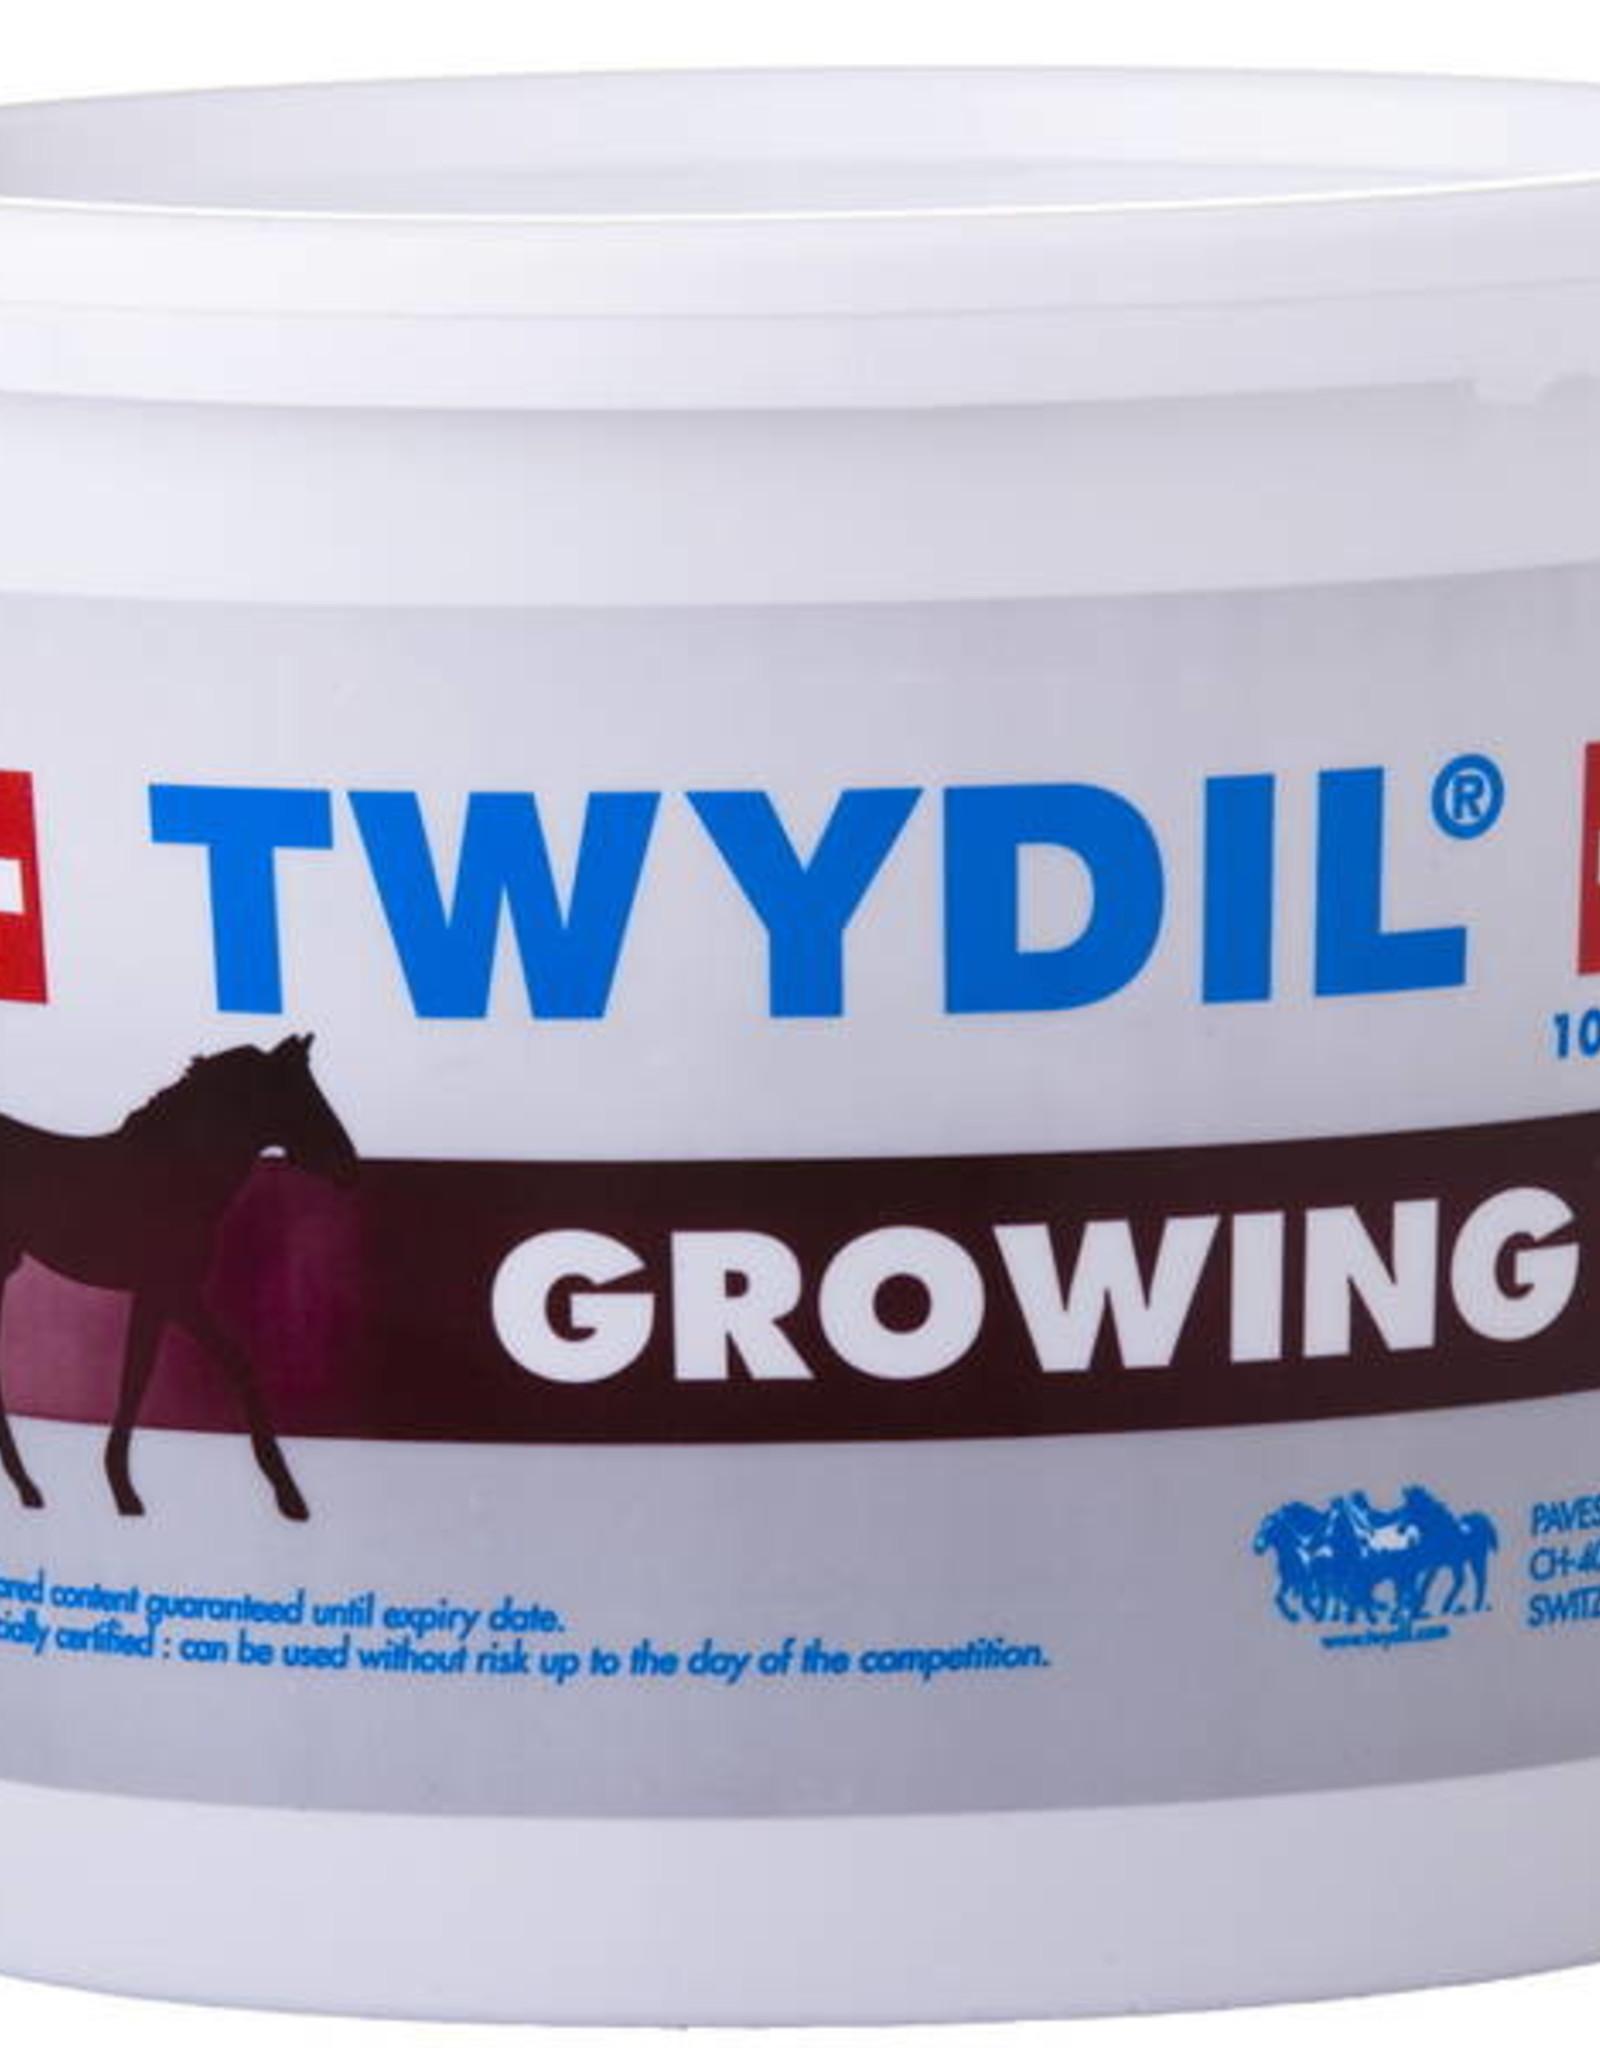 TWYDIL Twydil Growing 3kg